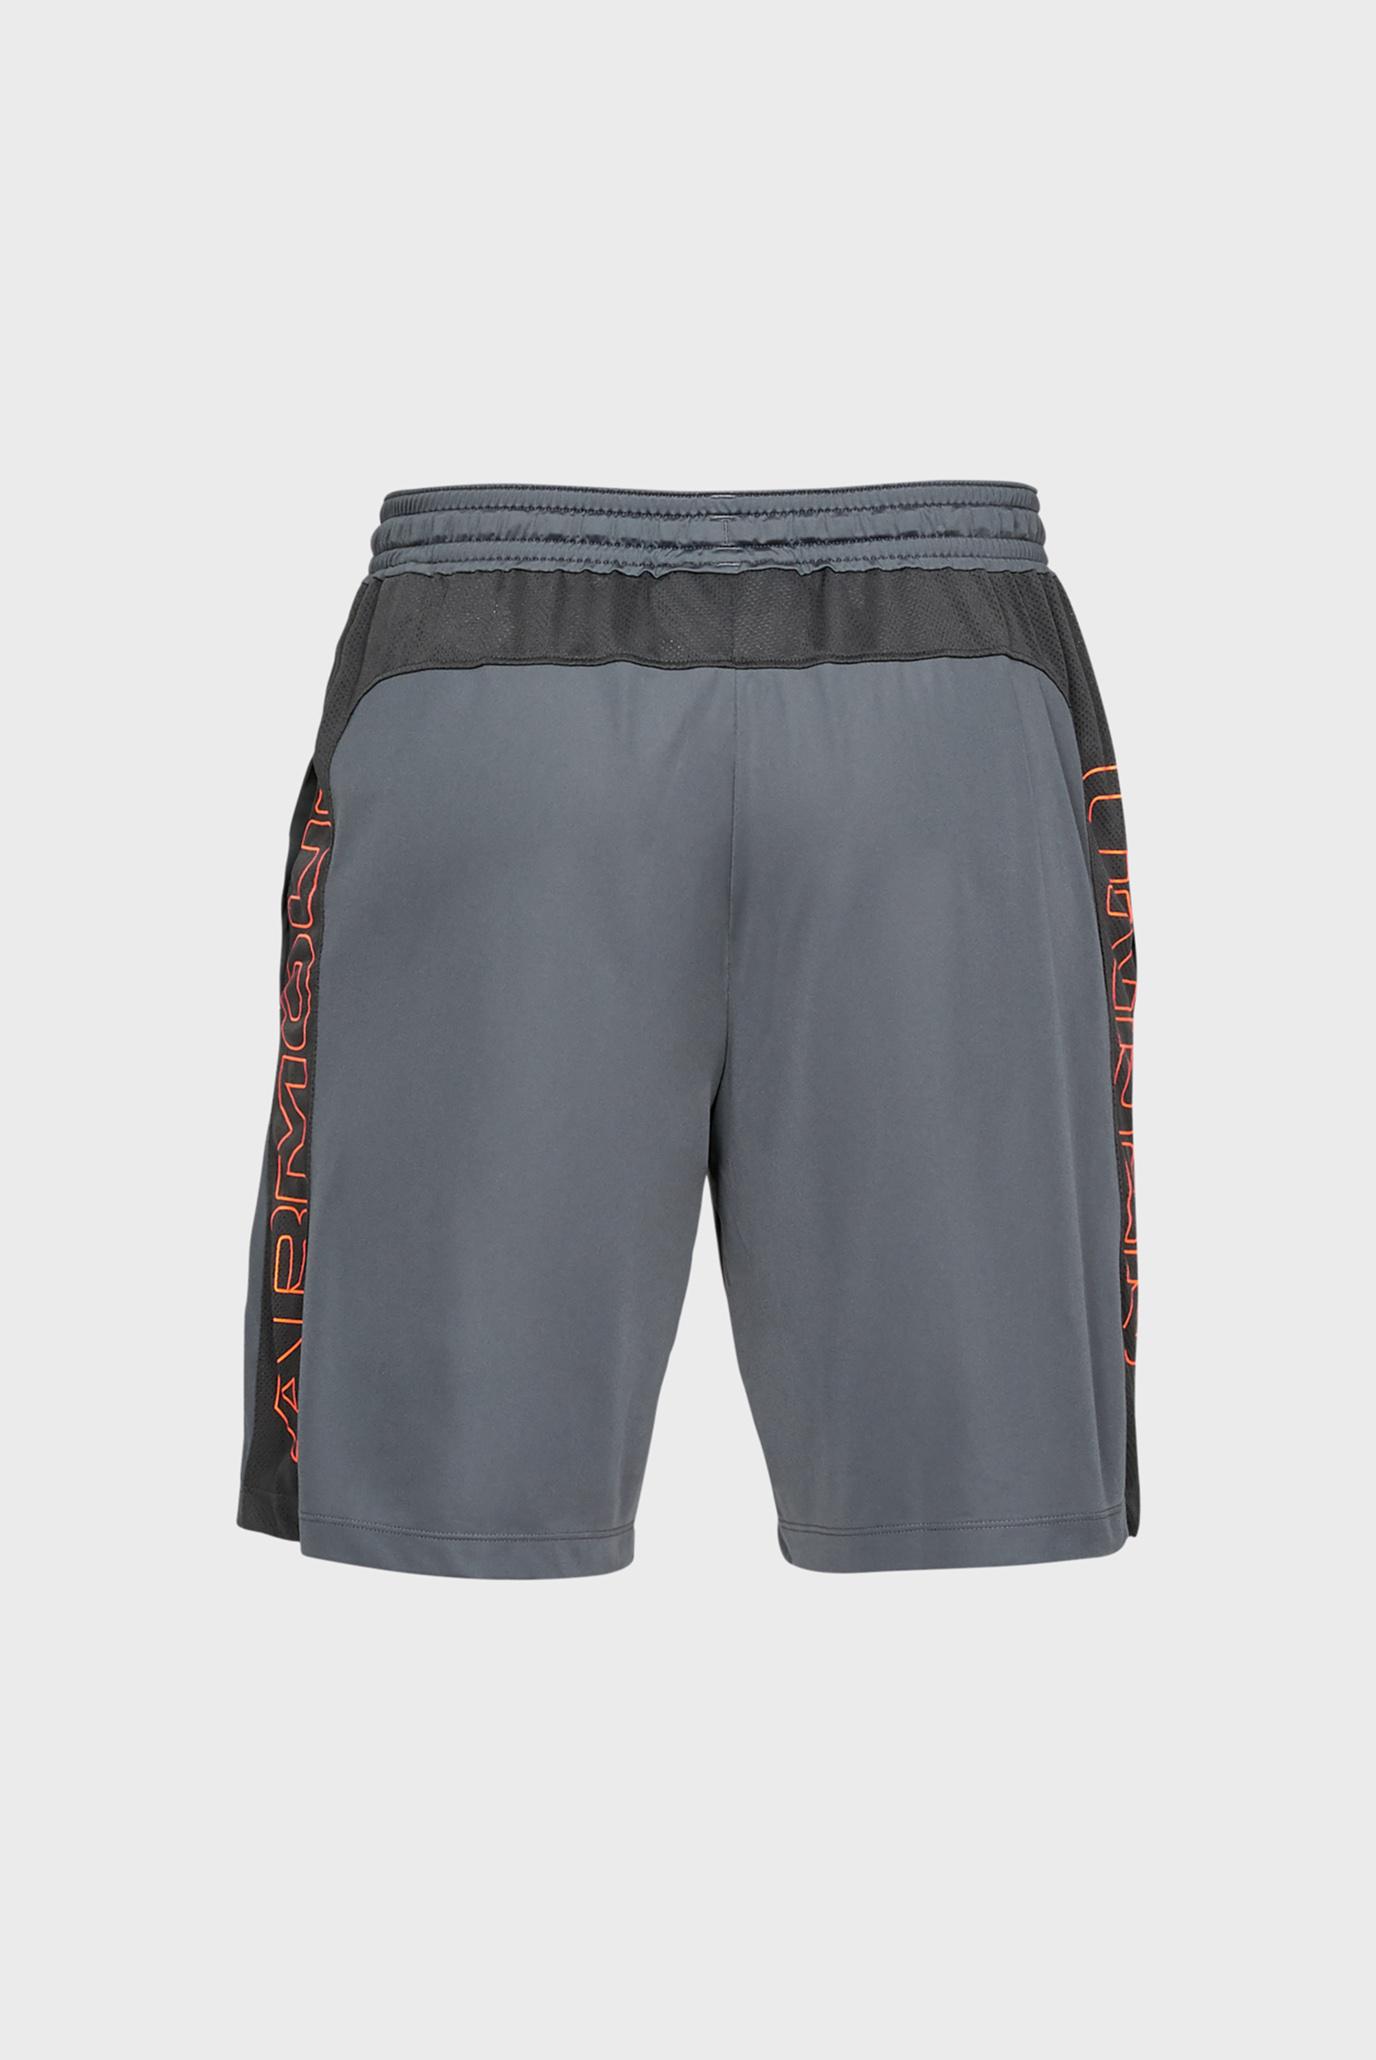 Мужские серые шорты MK1 Short 7in Wordmark Under Armour